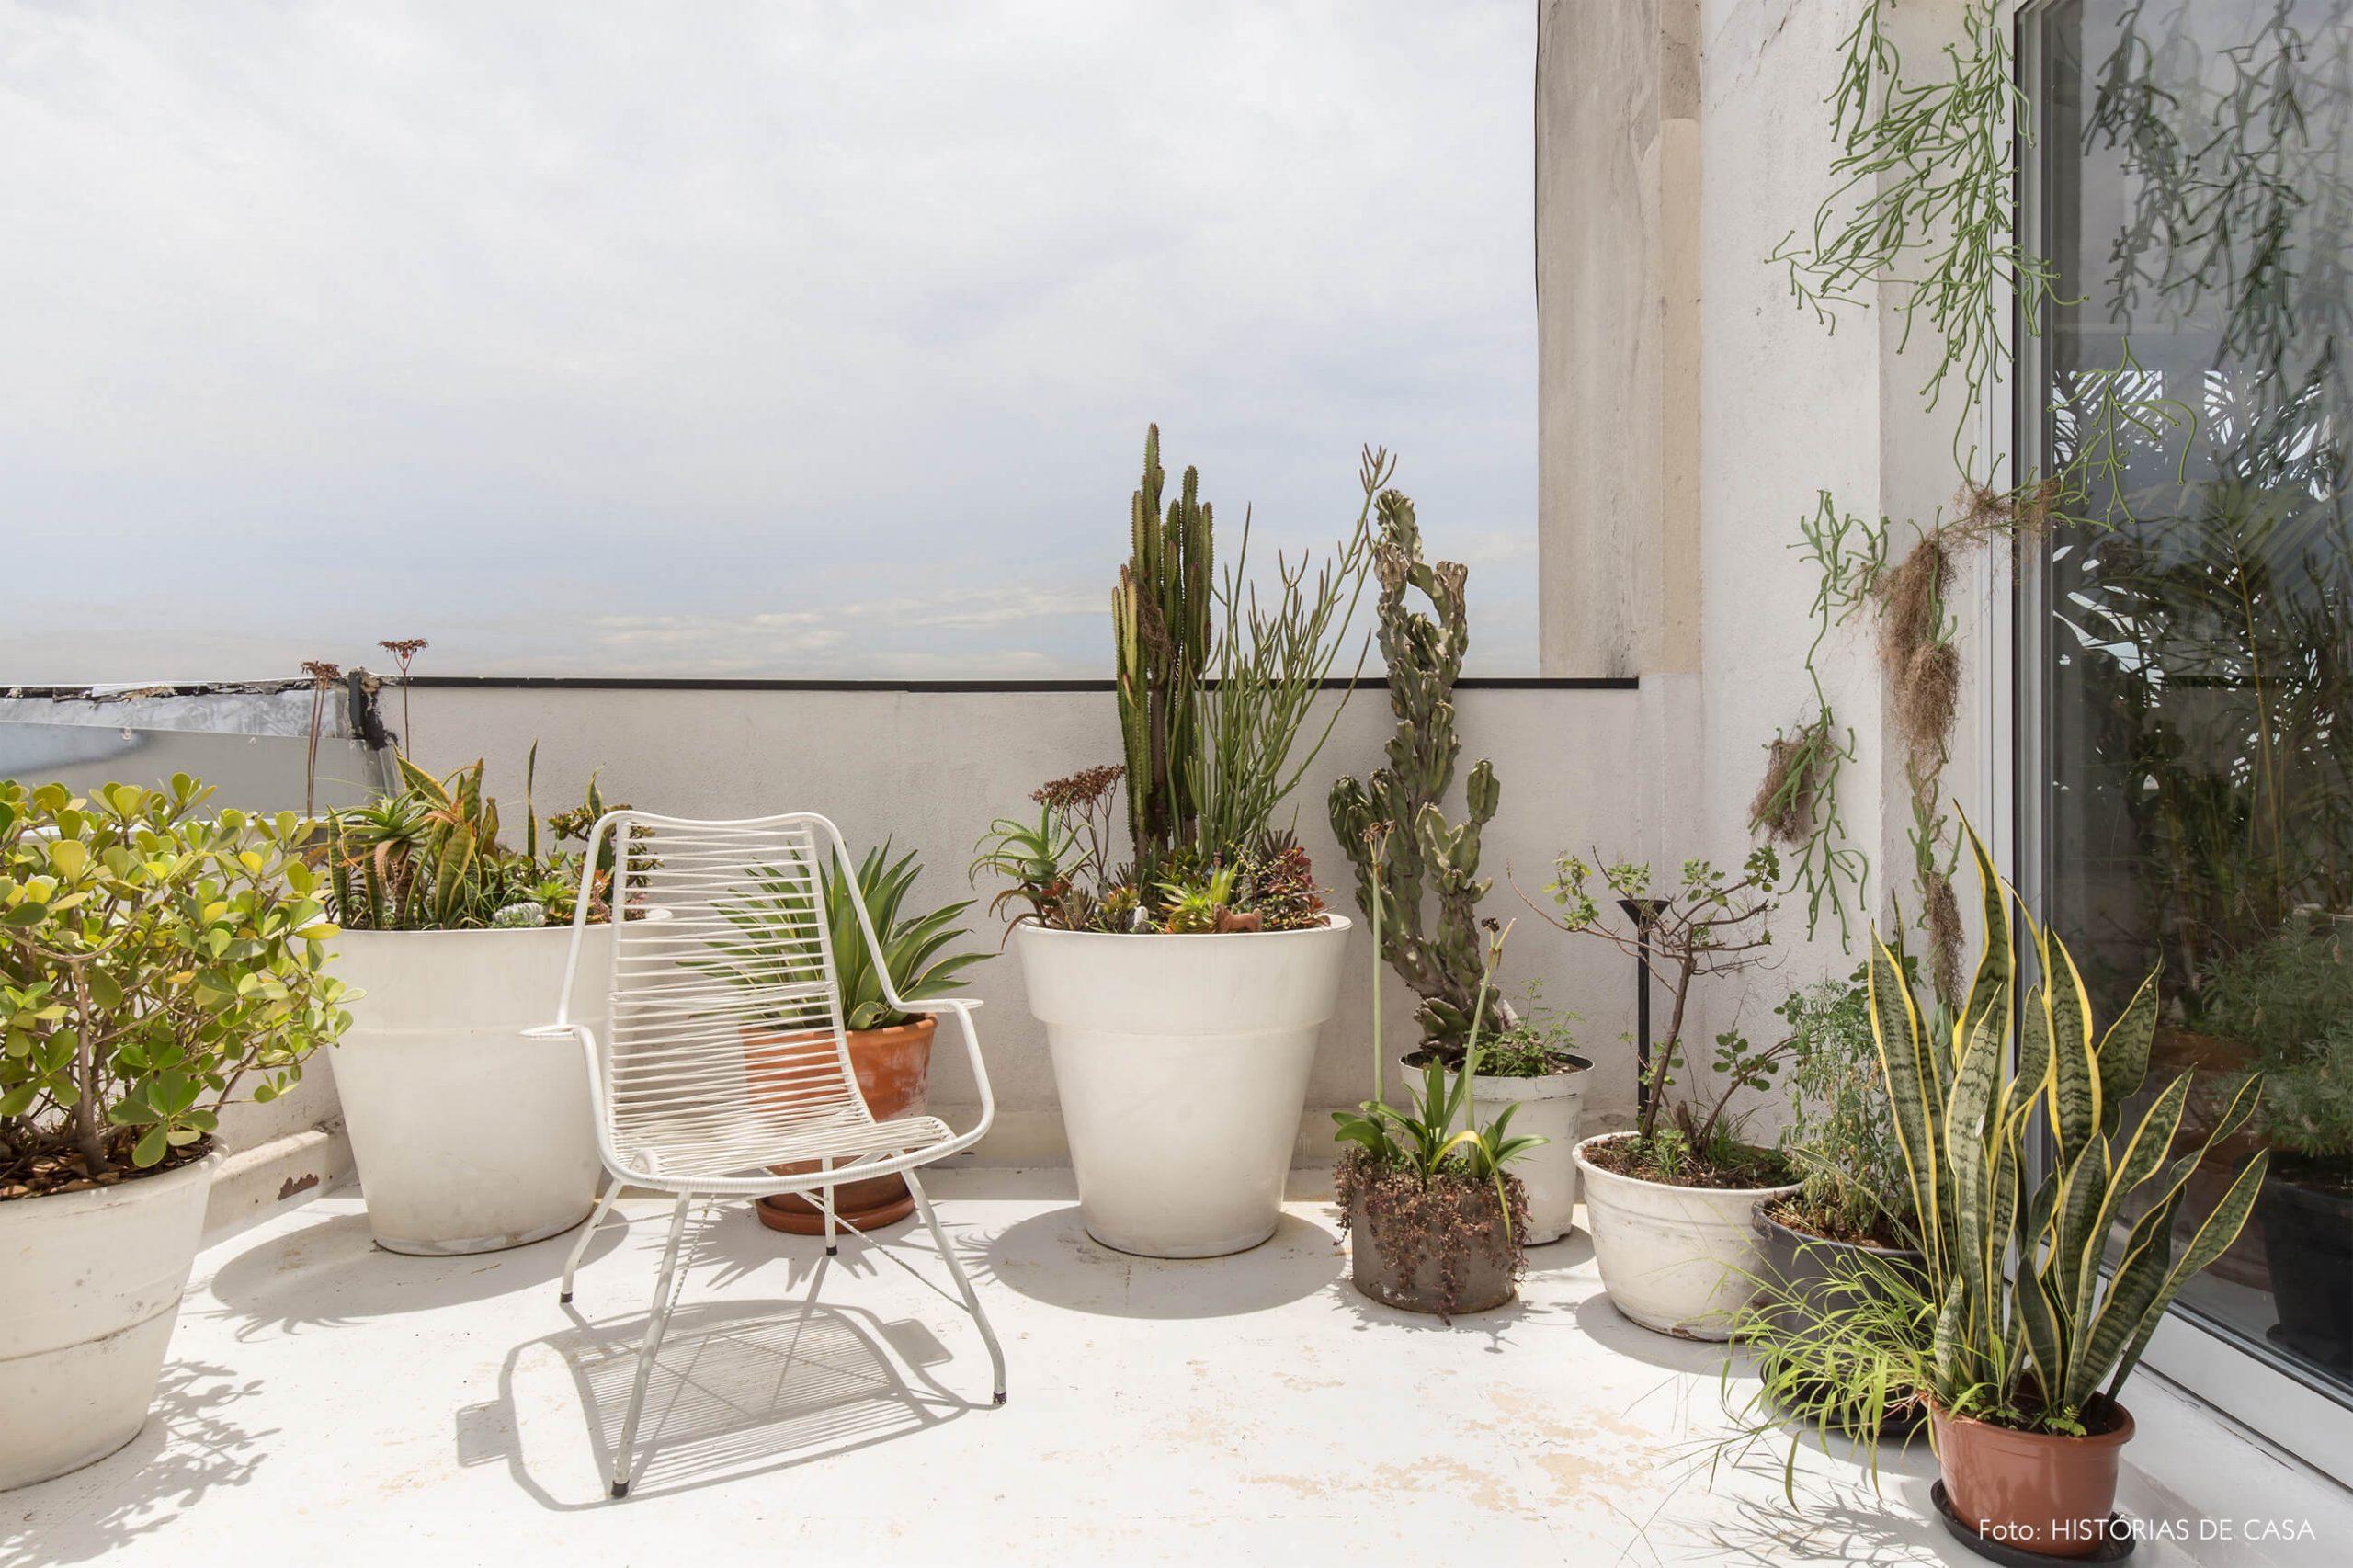 varanda-com-plantas-e-cadeira-branca